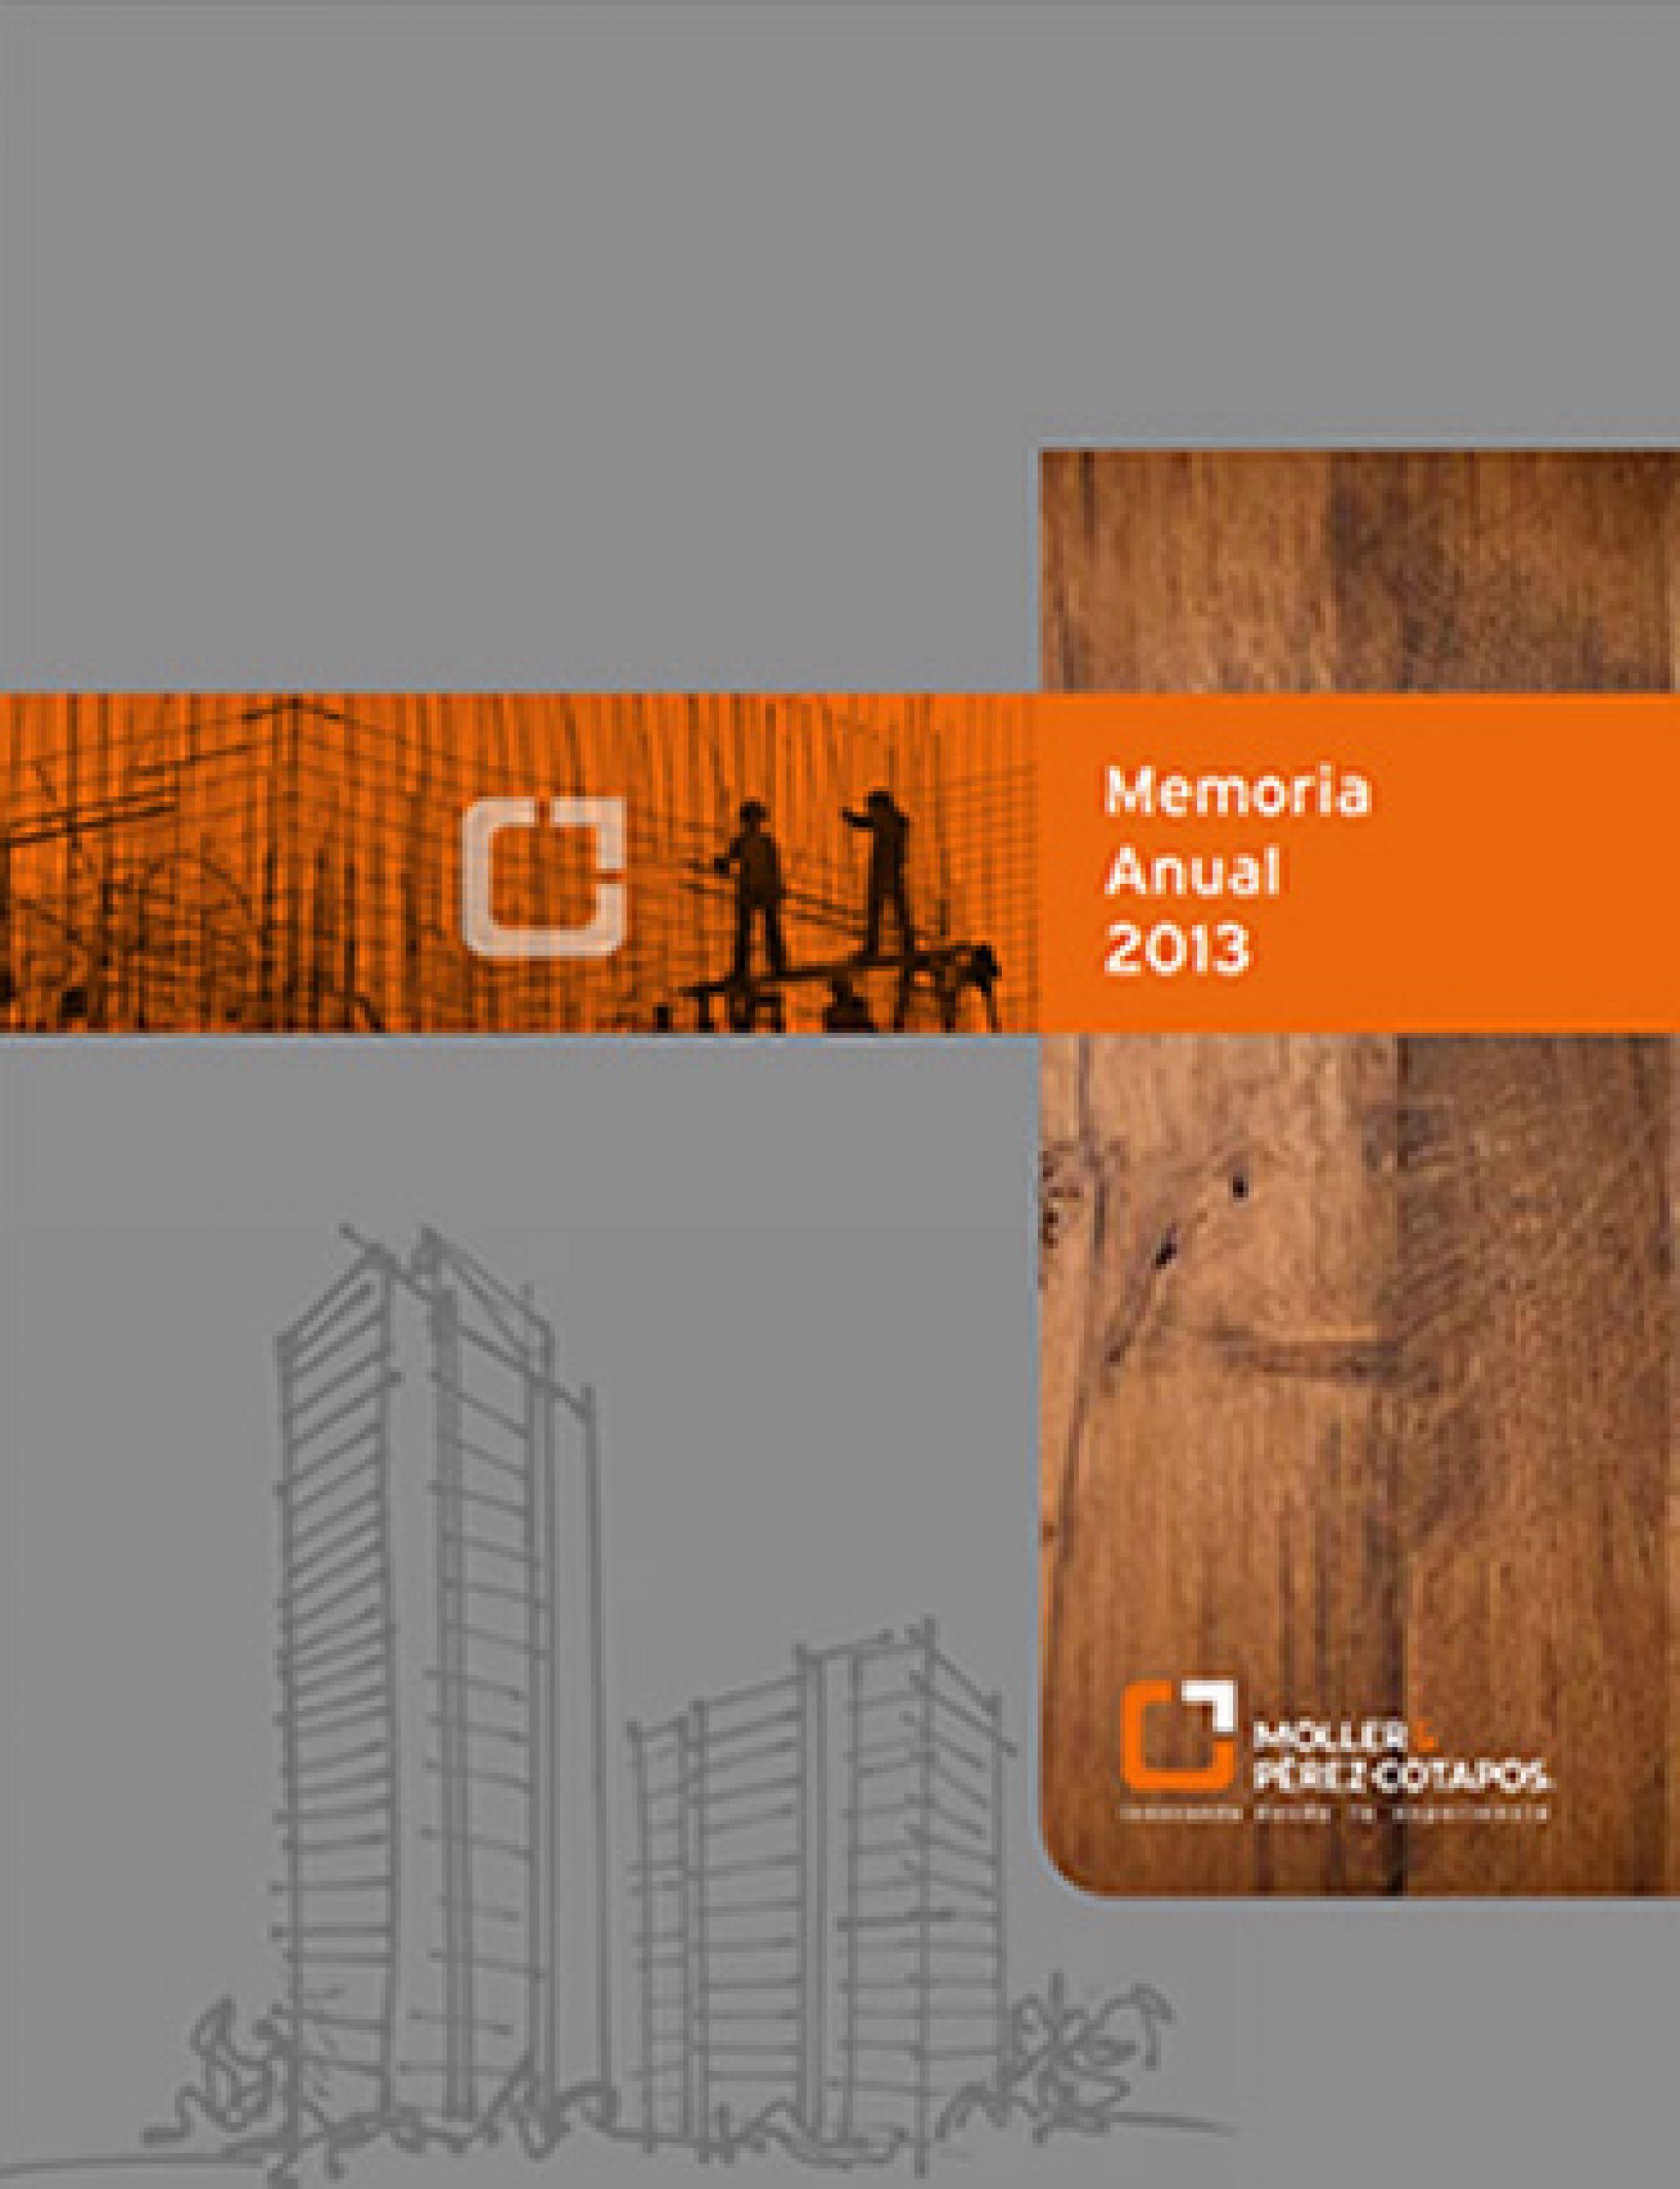 Memoria Anual Moller 2013